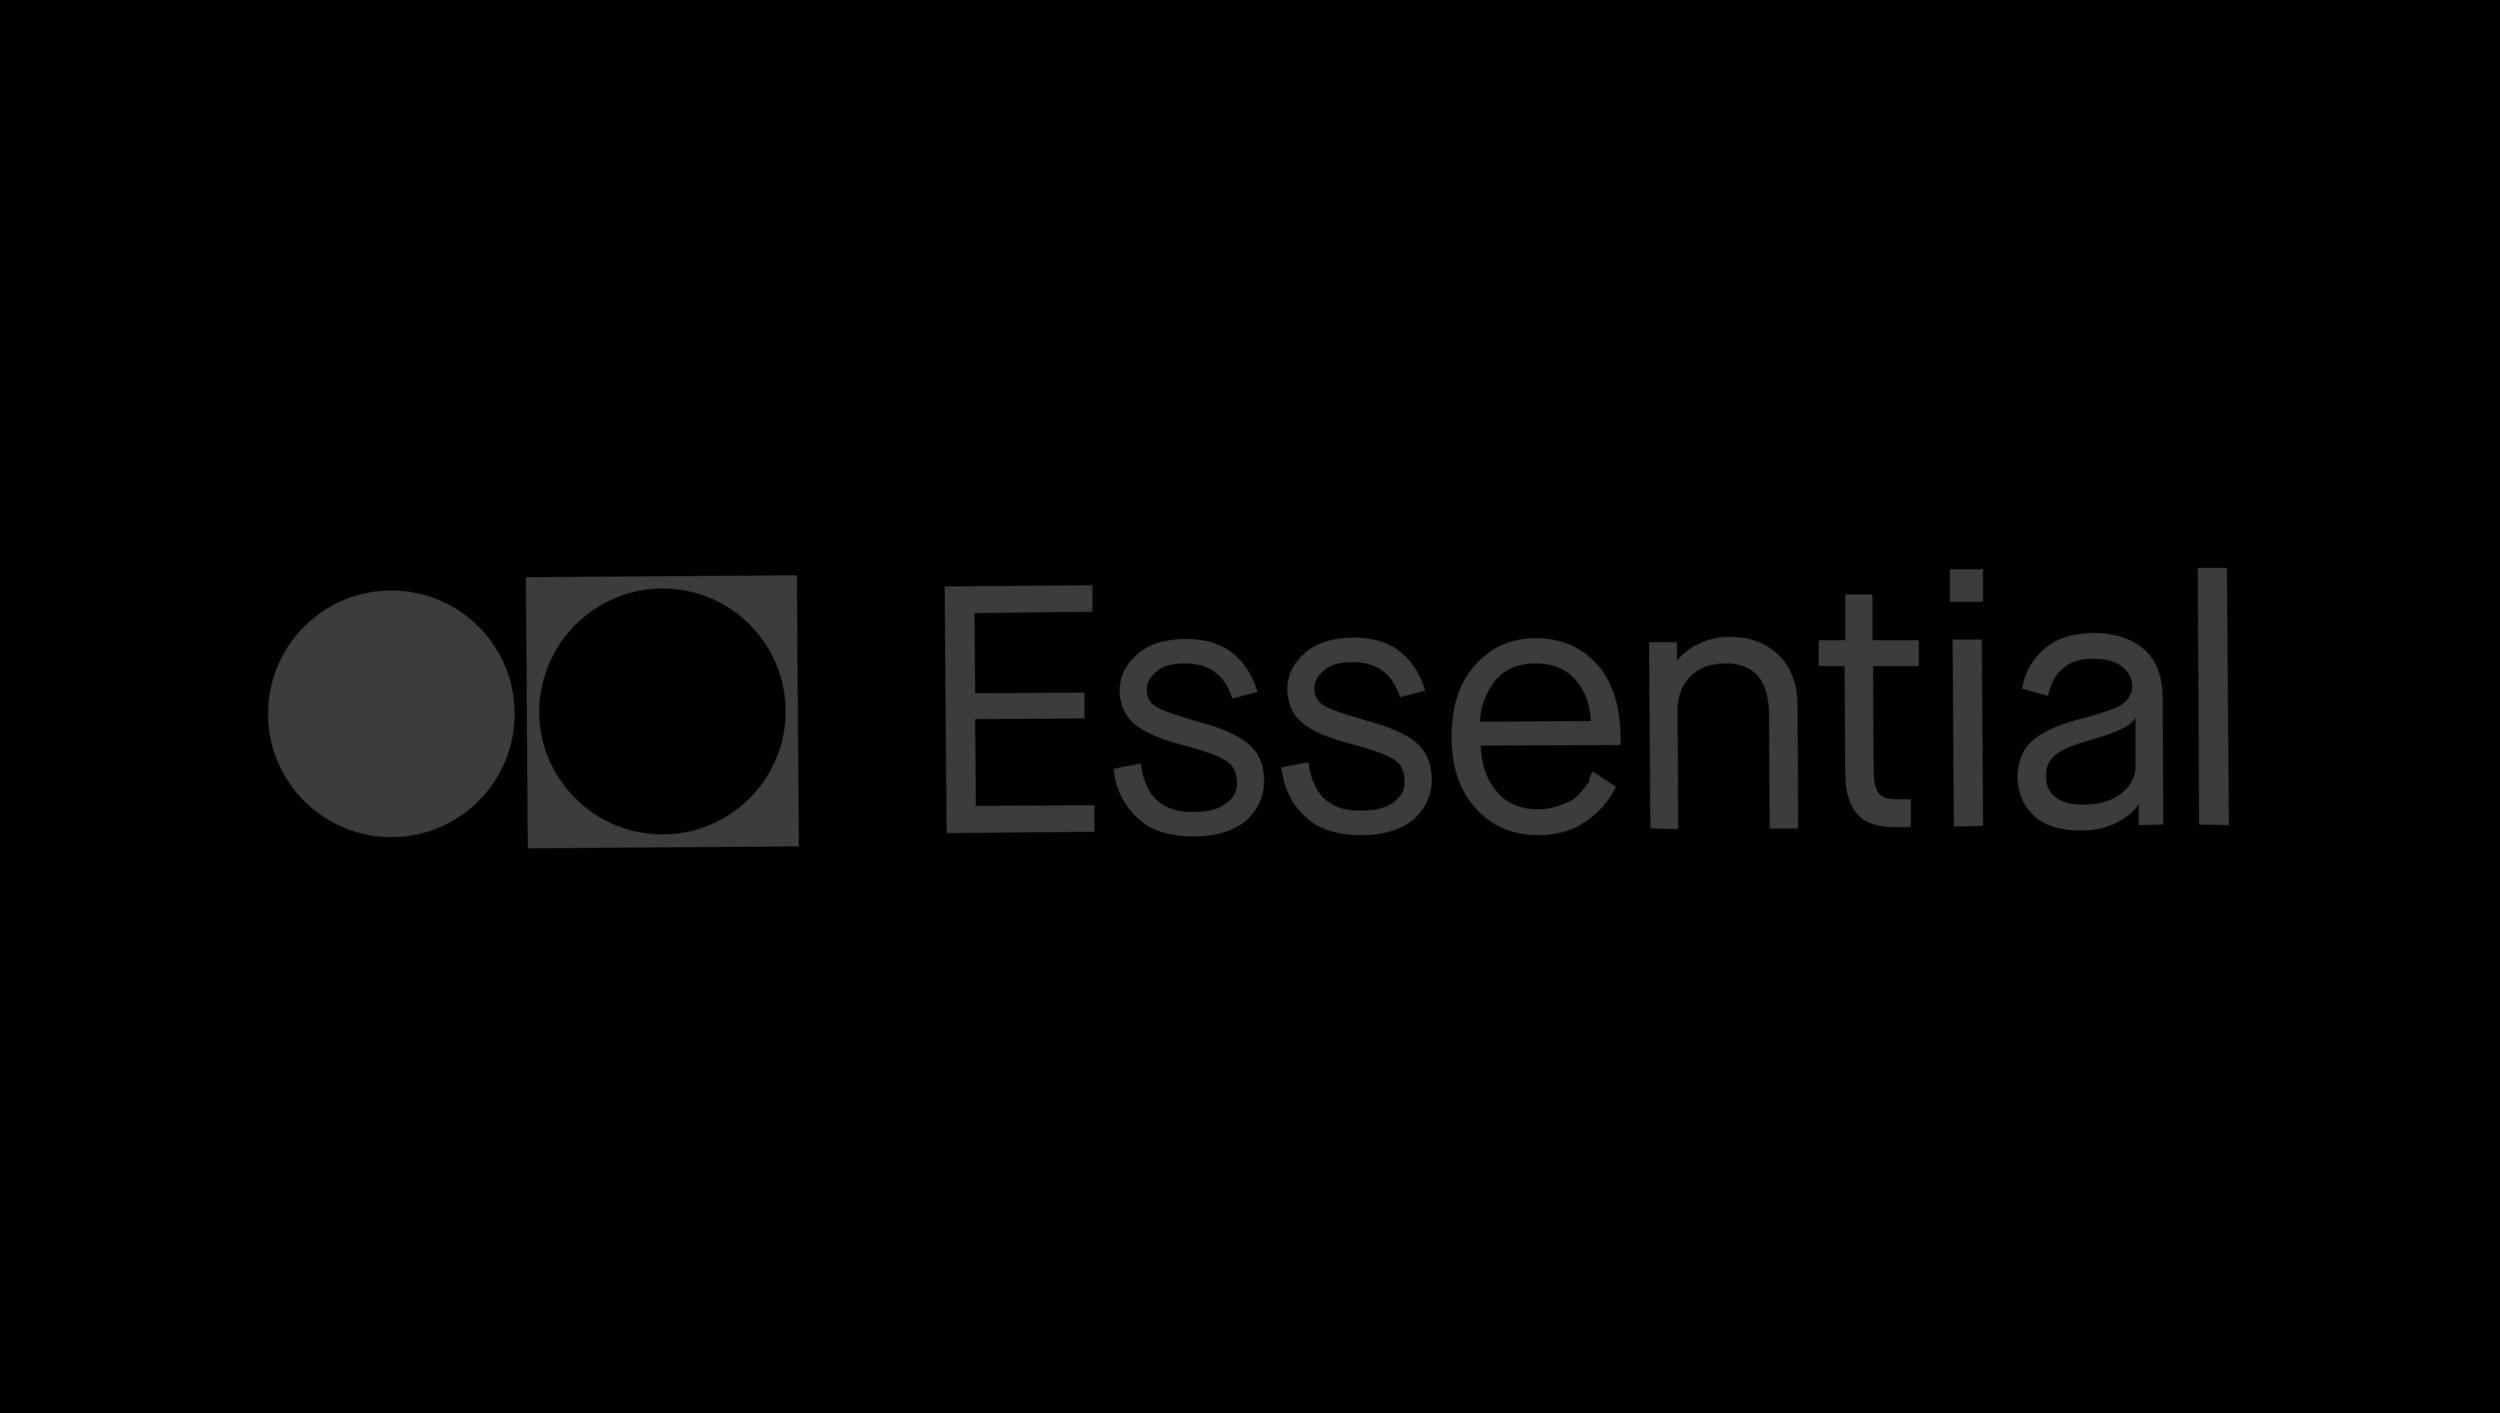 """Společnost Essential končí, projekt """"otce"""" Androidu nevyšel"""